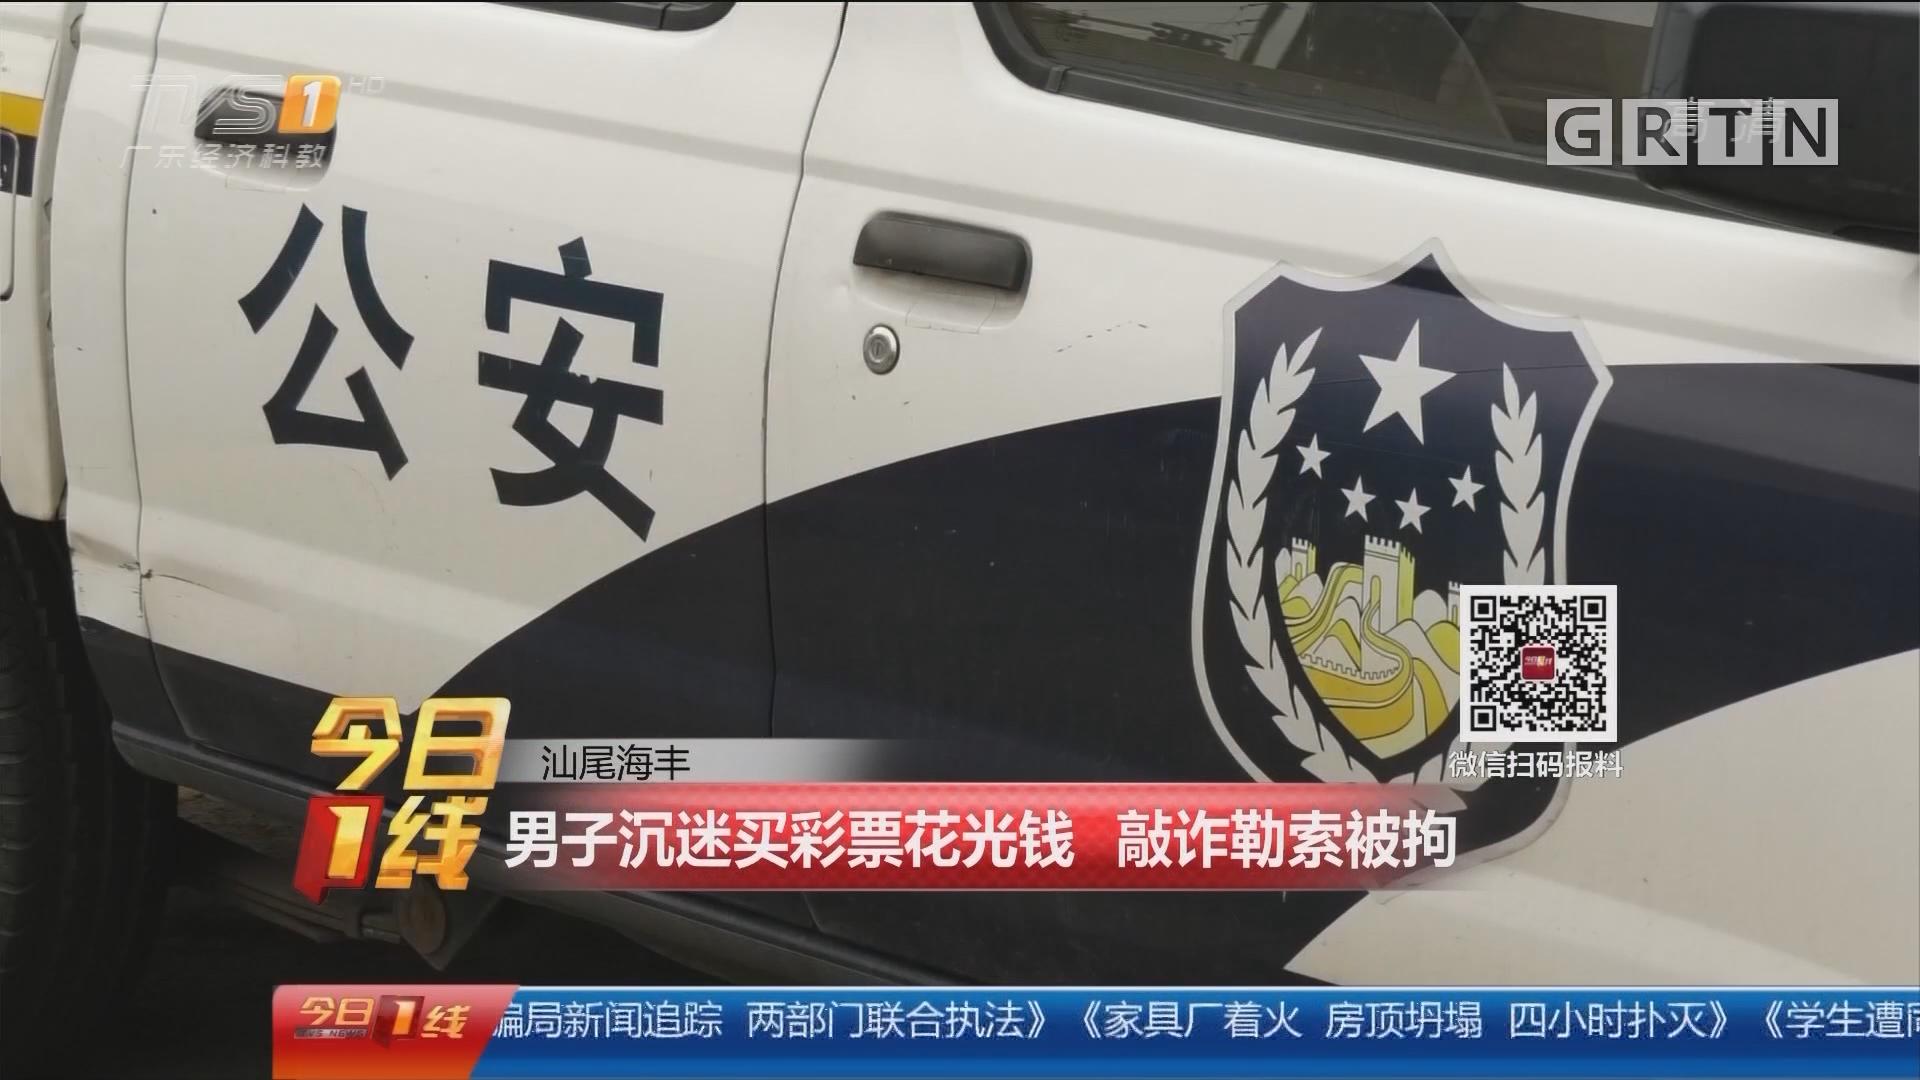 汕尾海丰:男子沉迷买彩票花光钱 敲诈勒索被拘